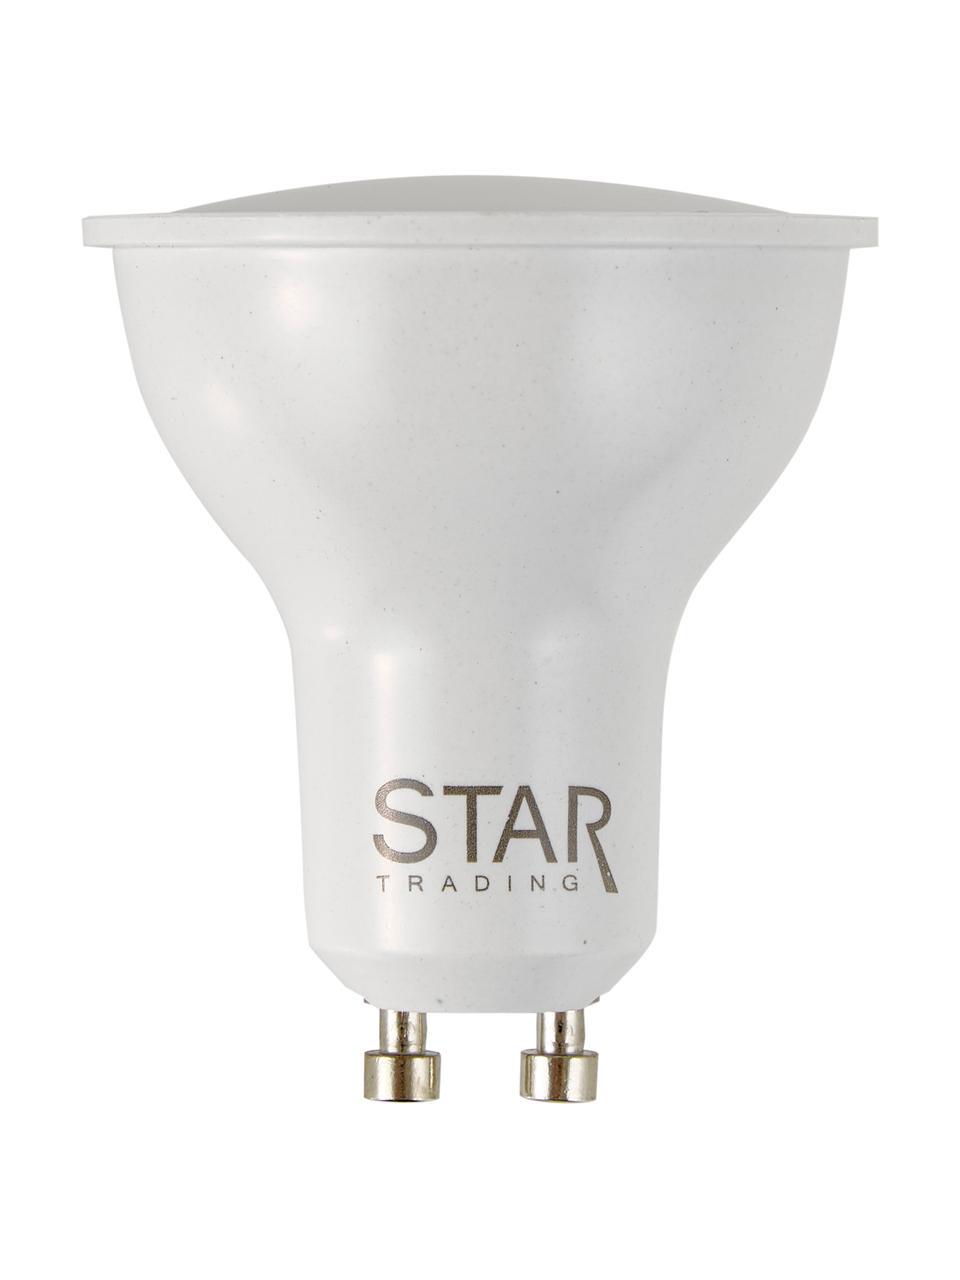 GU10 Leuchtmittel, 5.5W, Lichtfarbe dimmbar, 1 Stück, Leuchtmittelschirm: Kunststoff, Leuchtmittelfassung: Aluminium, Weiß, Ø 5 x H 6 cm